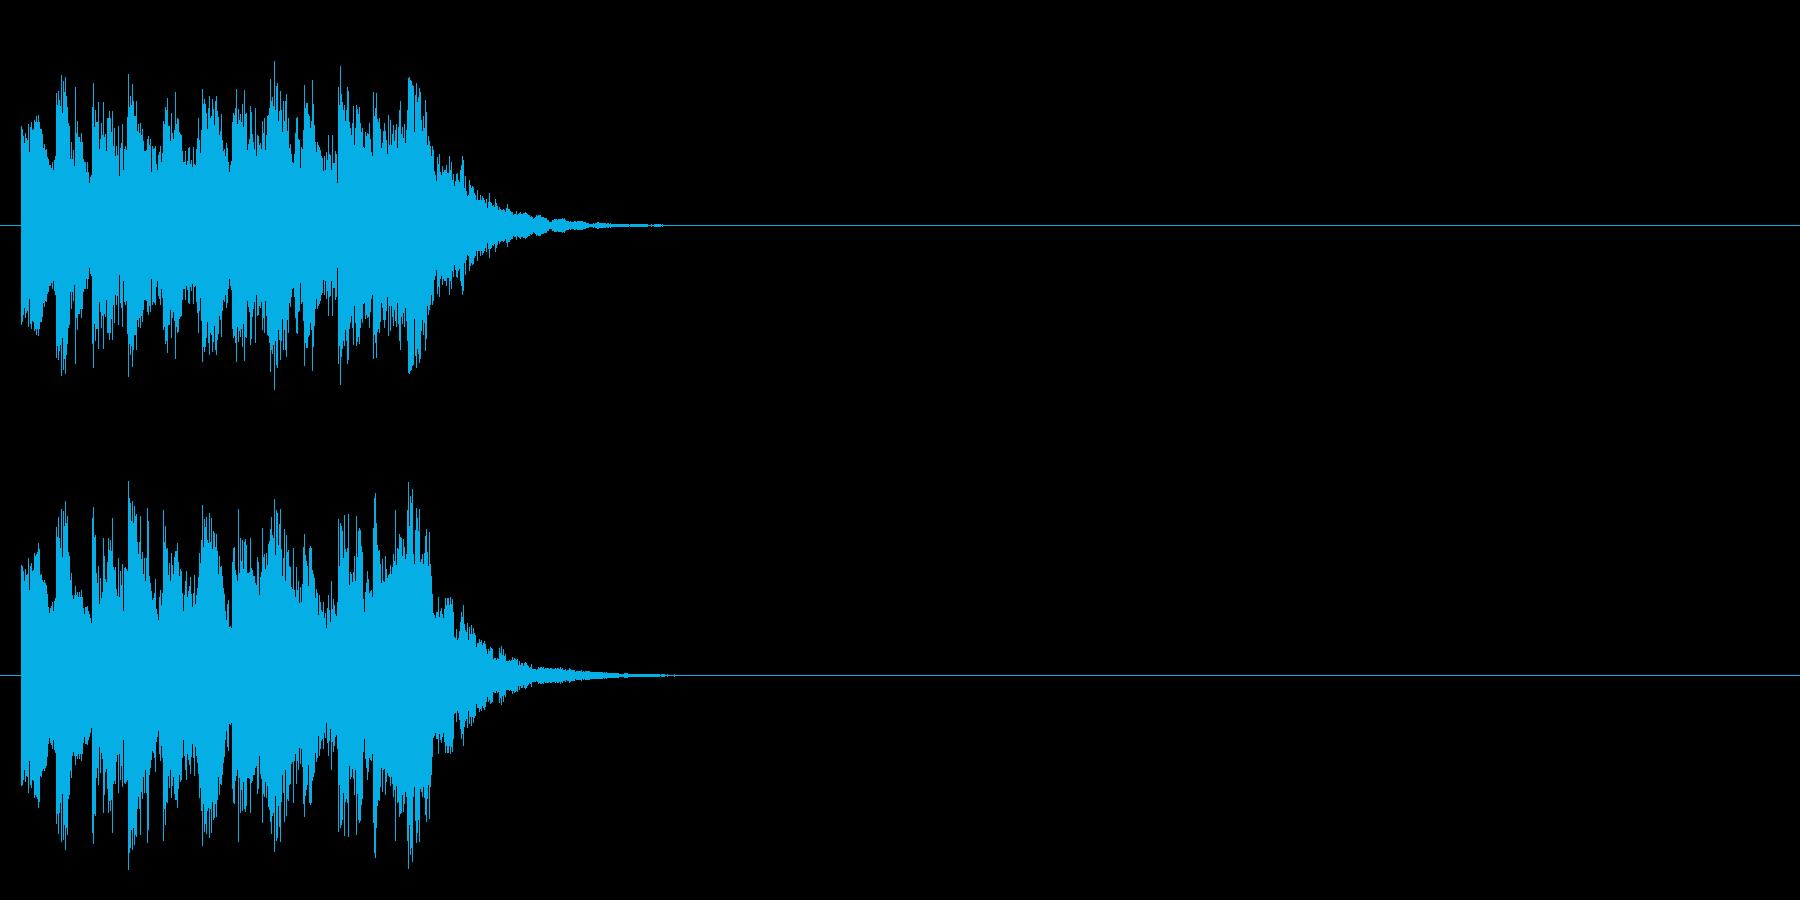 出題〜考え中のコミカルなジングルの再生済みの波形